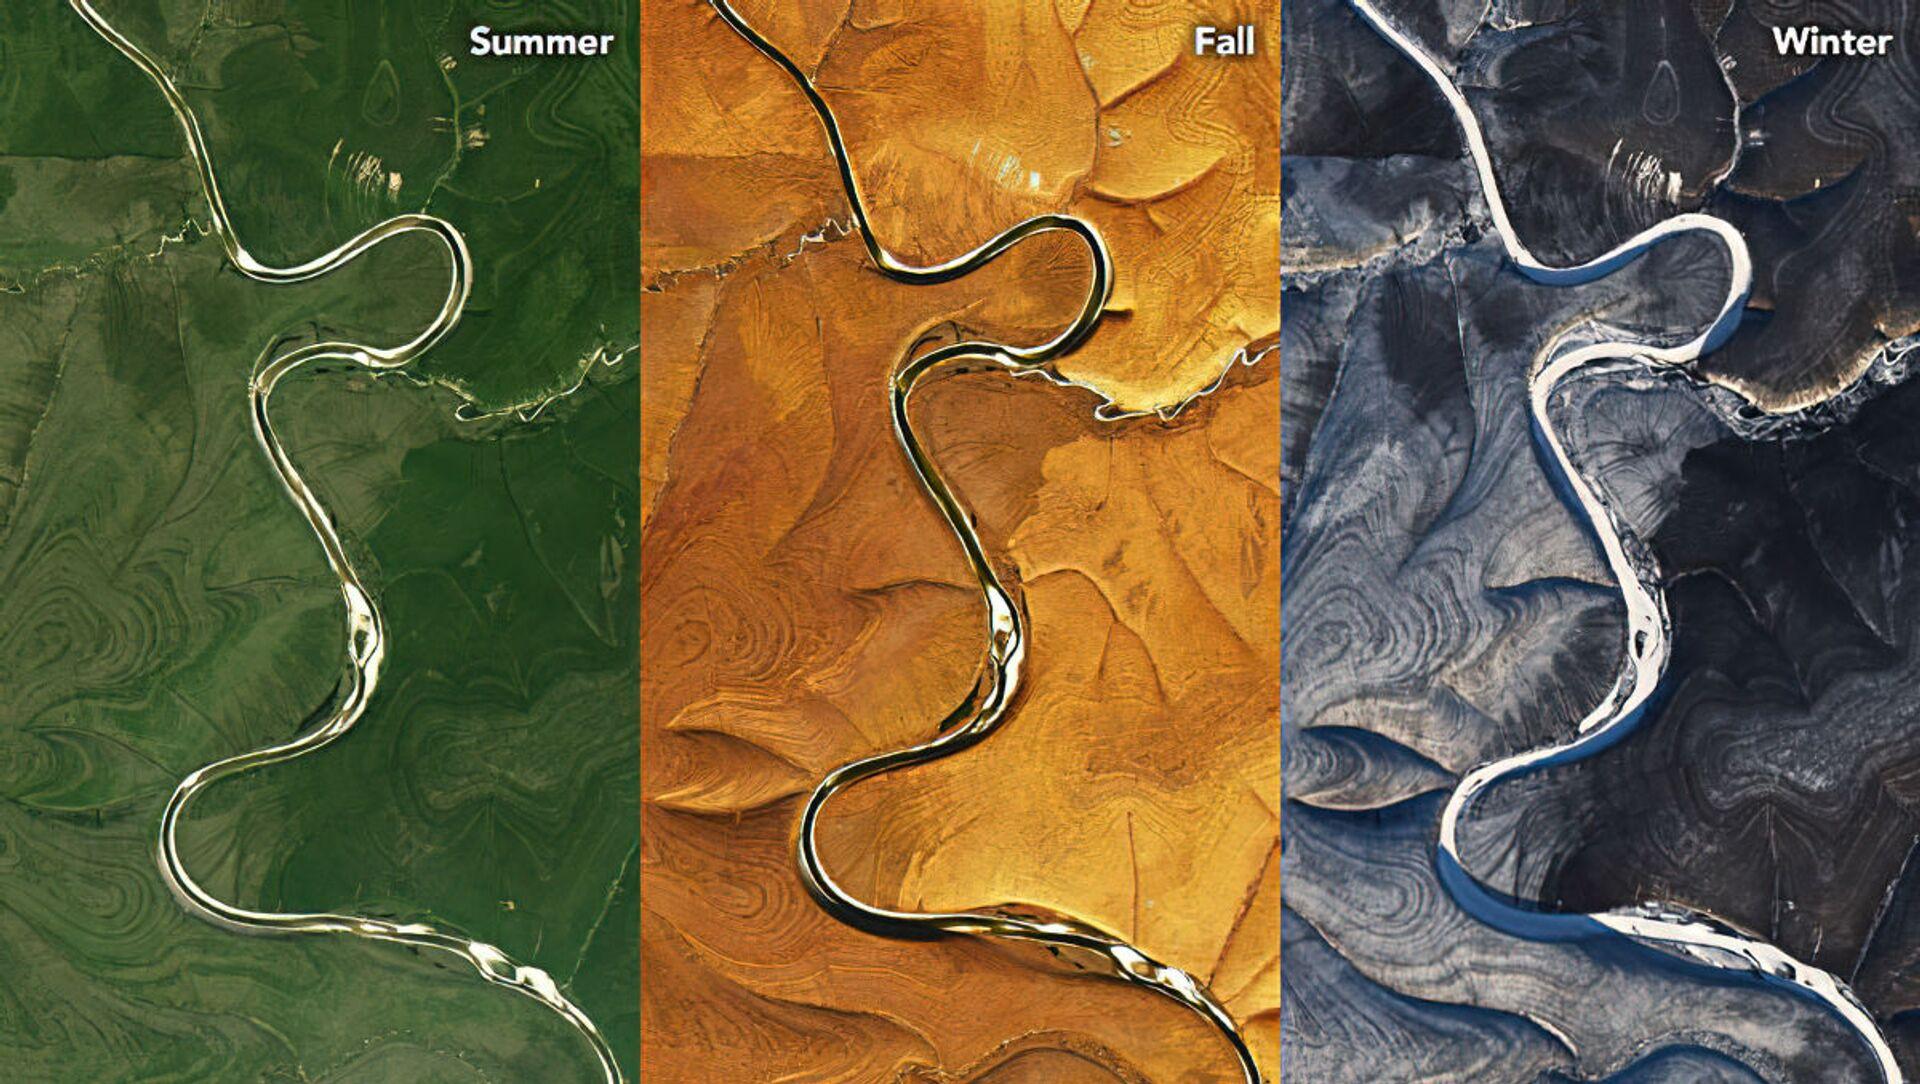 Země na obou stranách řeky Marcha zvlněná střídavými tmavými a světlými pruhy, bez ohledu na roční období - Sputnik Česká republika, 1920, 20.04.2021